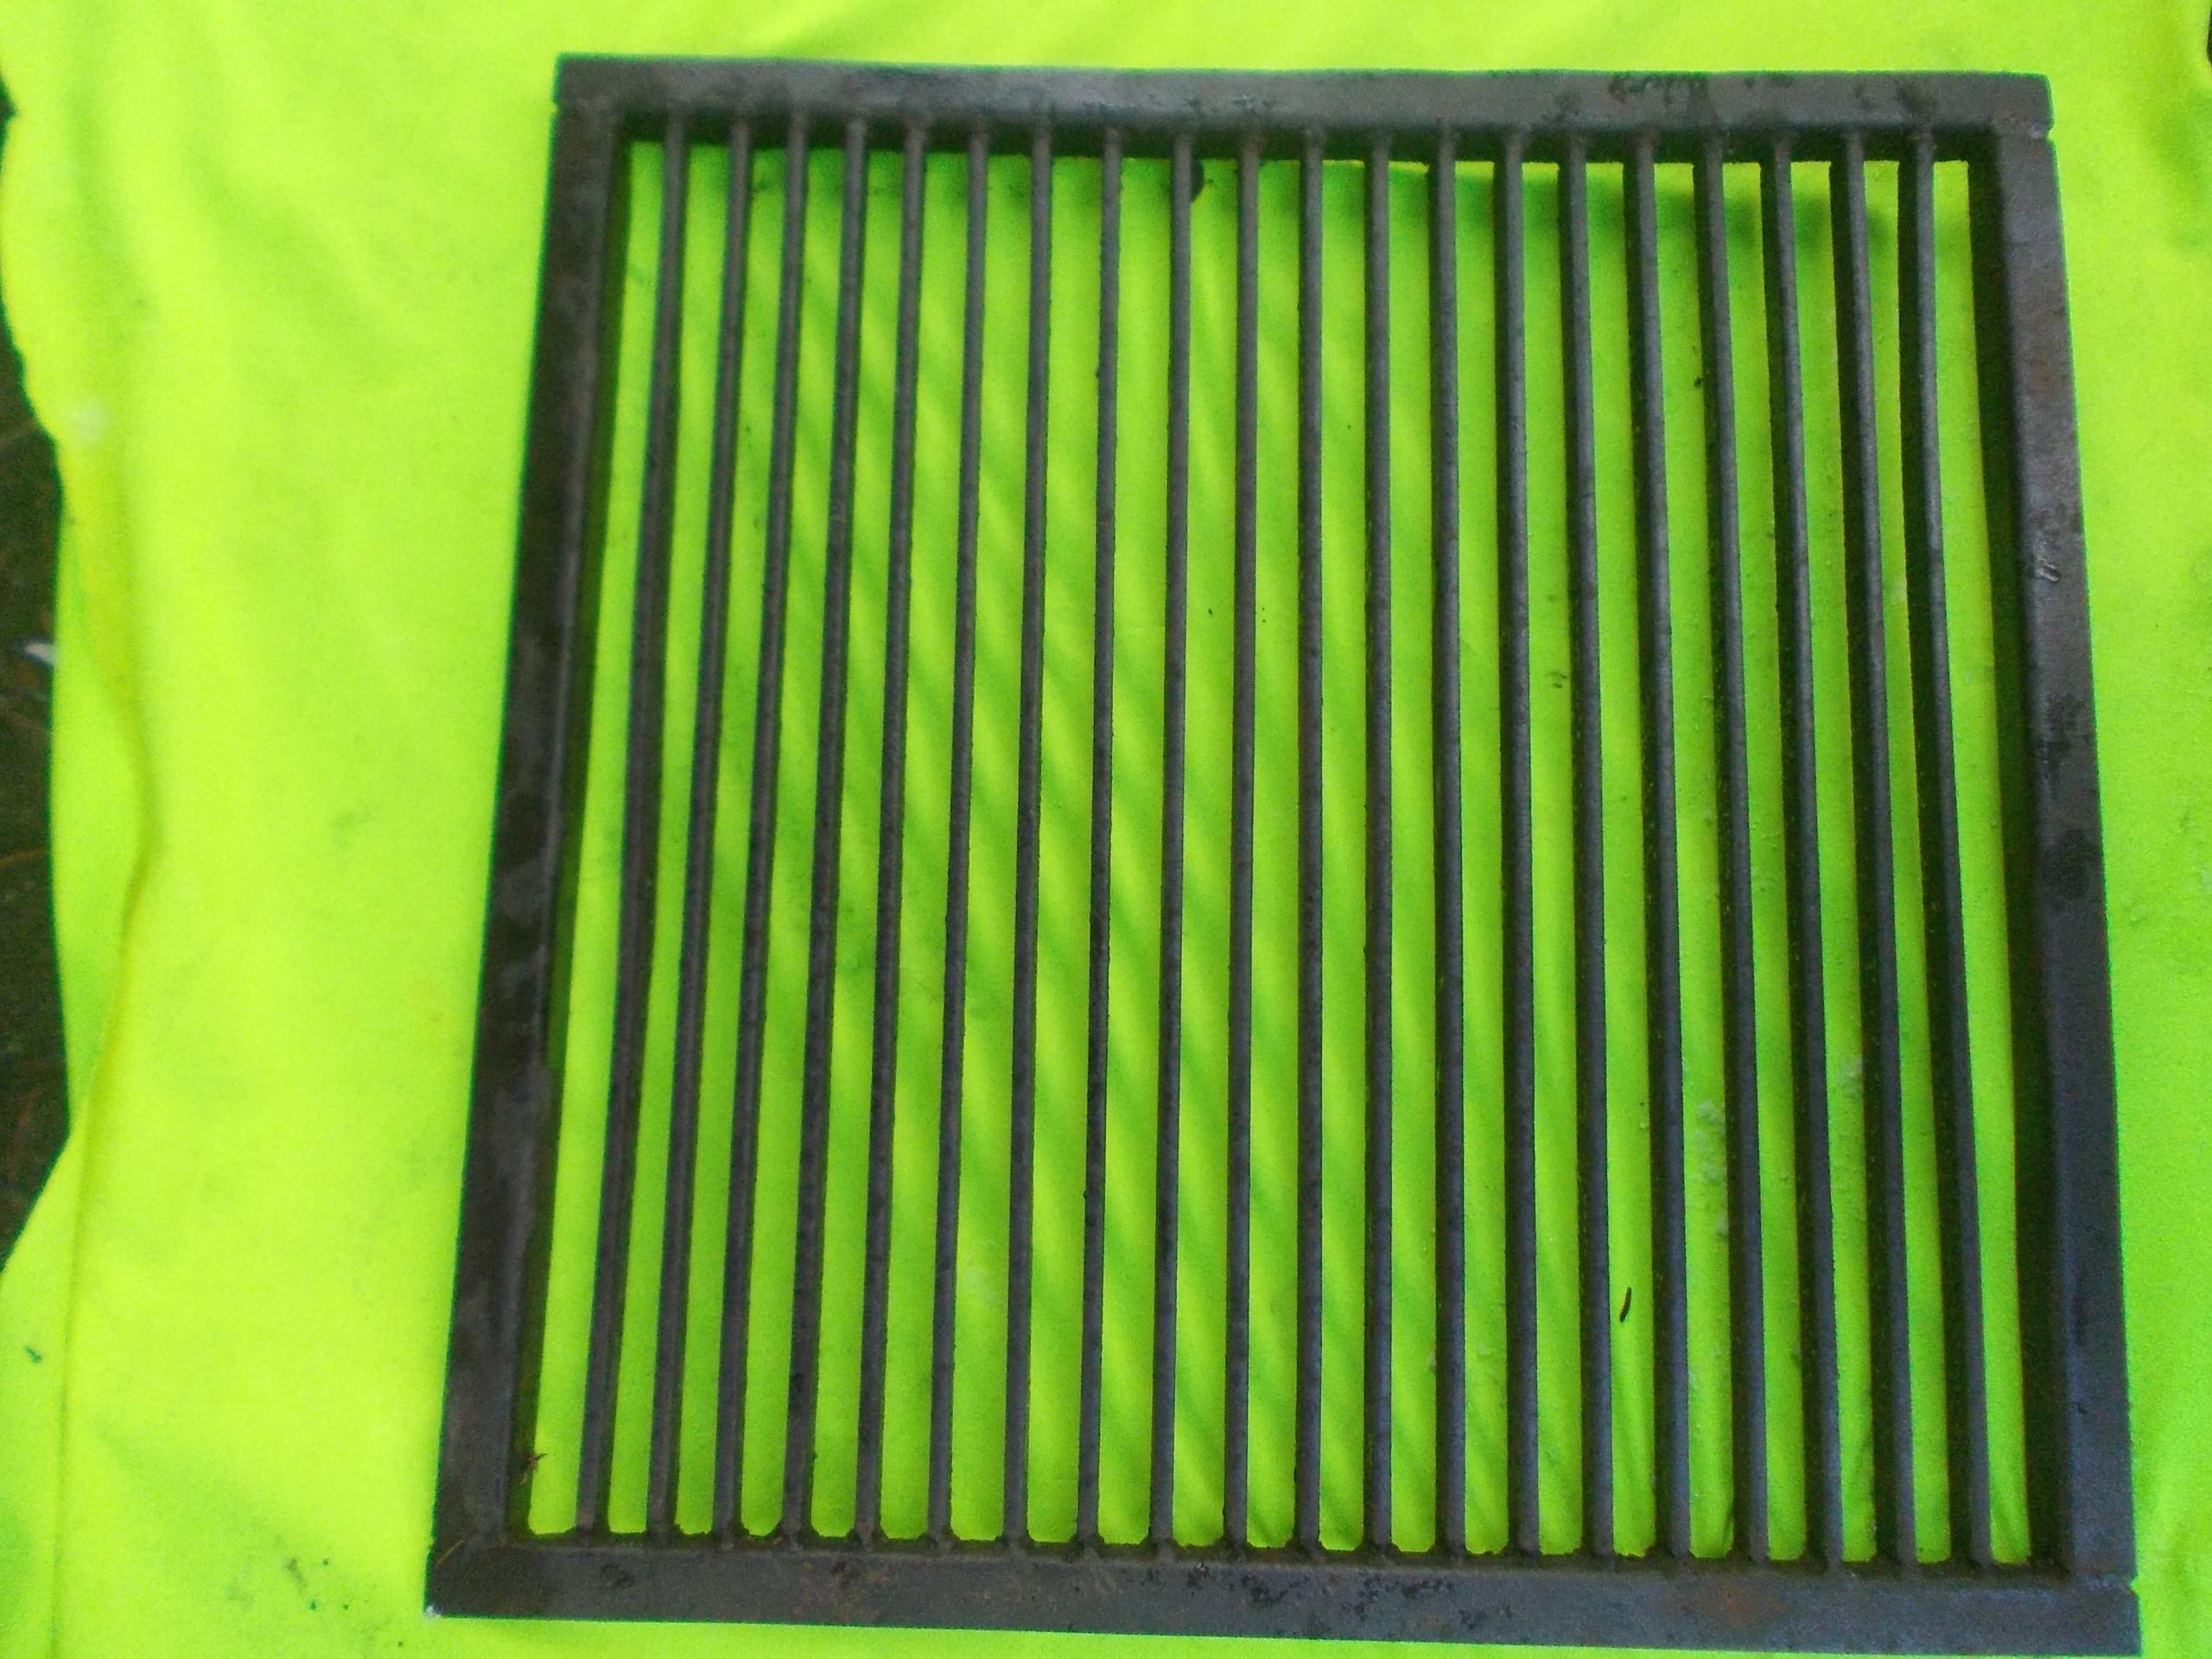 POKRYWA ŻELIWNA do szamba 70x70 cm (PRL) solidna